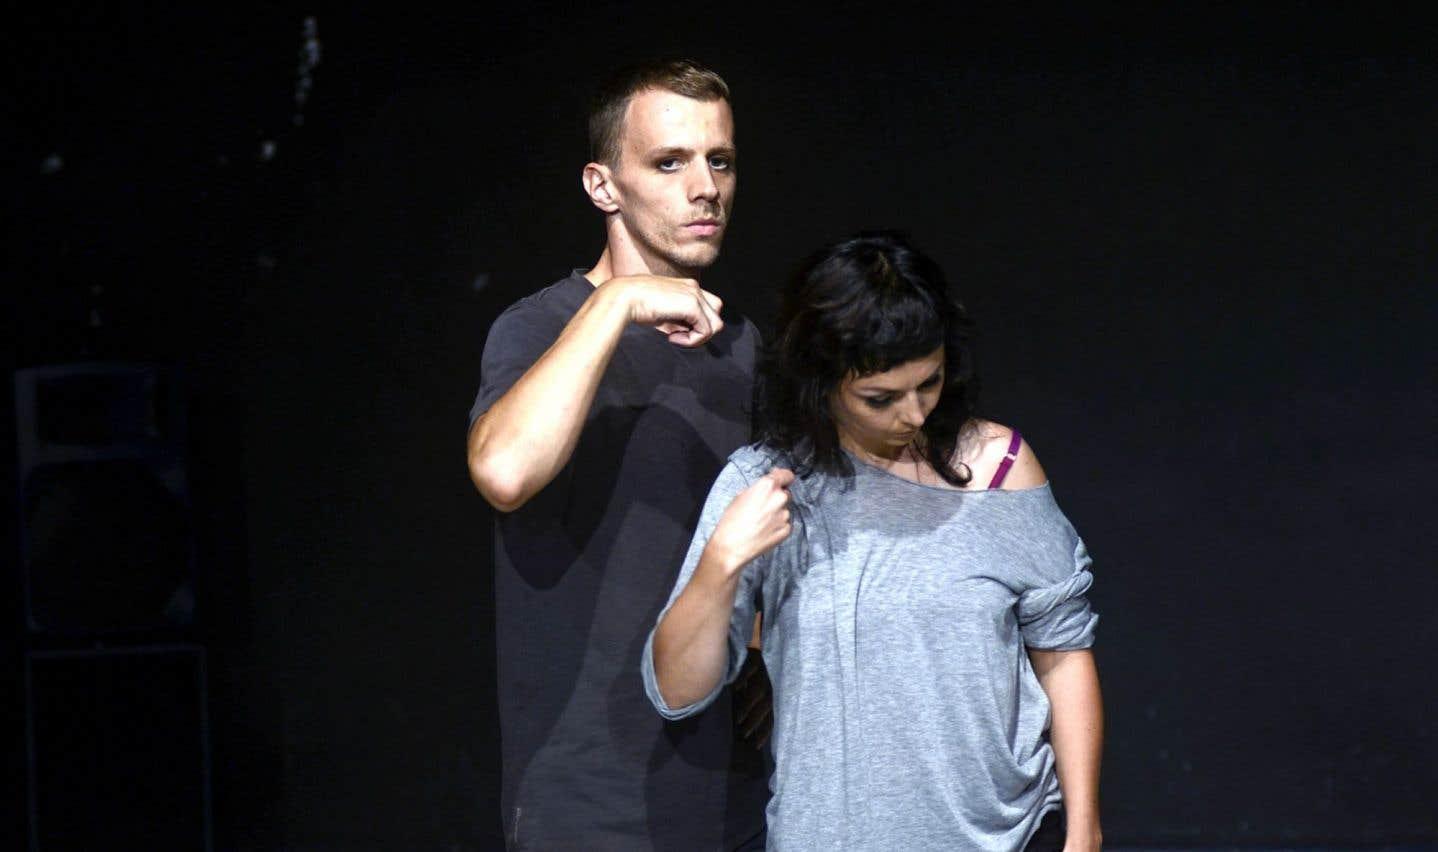 «Nous n'avions aucune idée préconçue de la manière dont nous allions travailler ensemble», dit AmeHenderson de son nouveau duo avec le Croate Matija Ferlin.